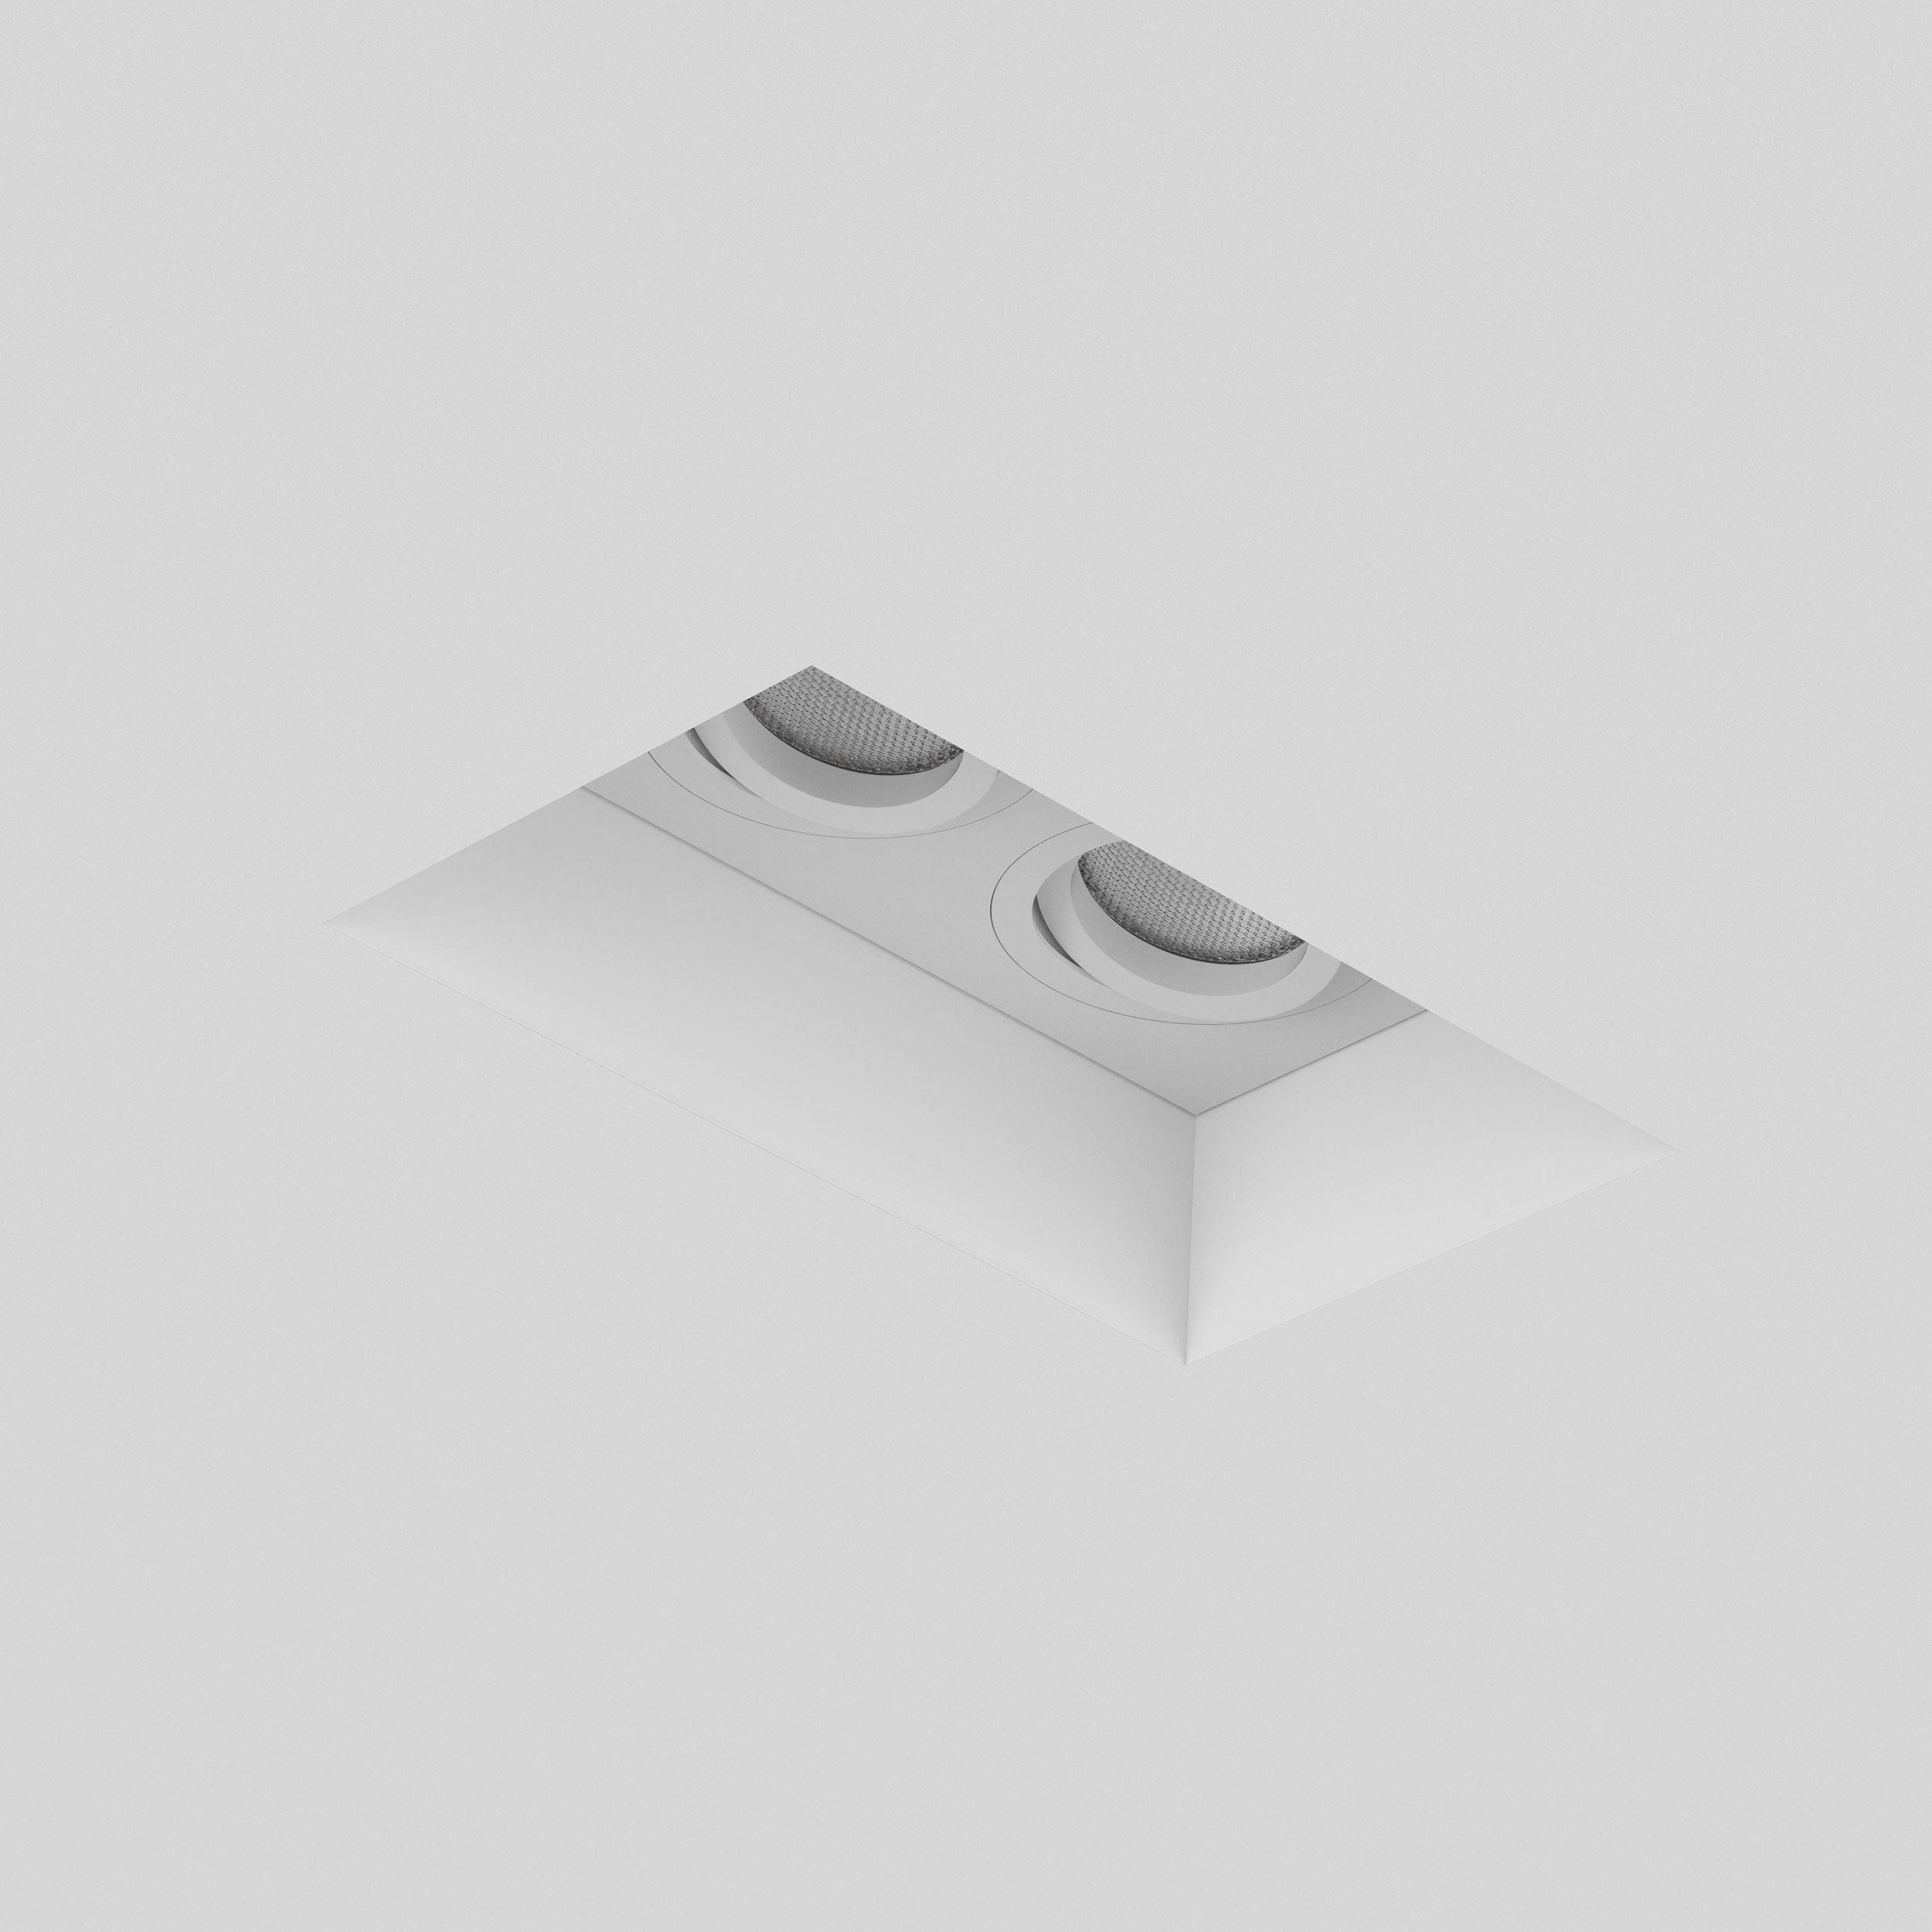 Встраиваемый светильник Astro Blanco 1253006 (7344), 2xGU10x50W, белый, под покраску, гипс, металл - фото 3